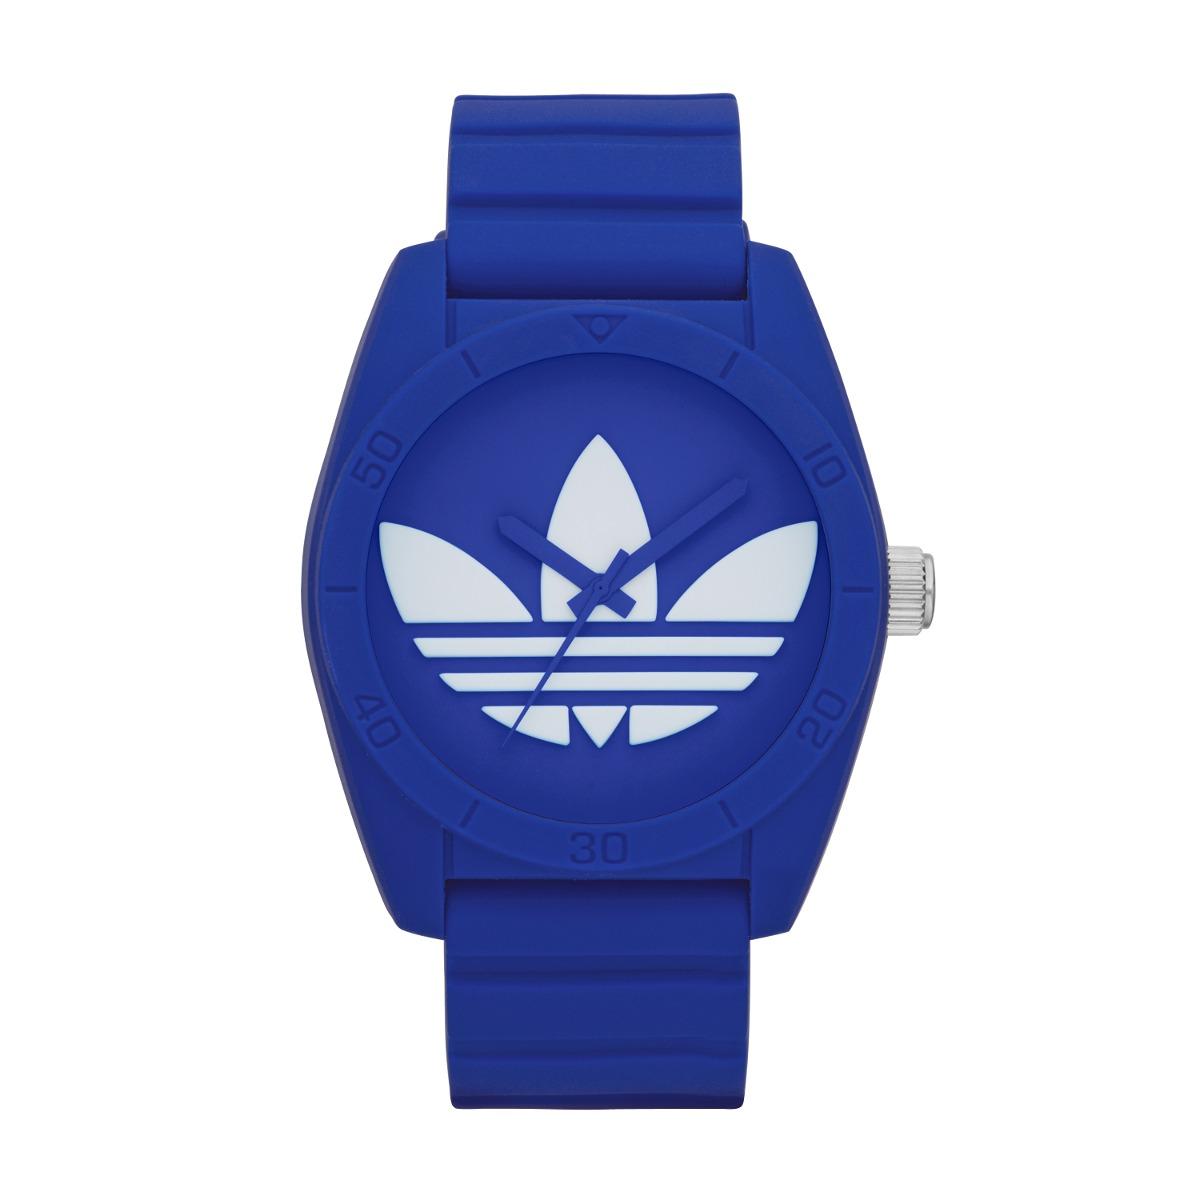 wholesale dealer 1471e c9d60 reloj adidas originals santiago azul y blanco en silicona. Cargando zoom.